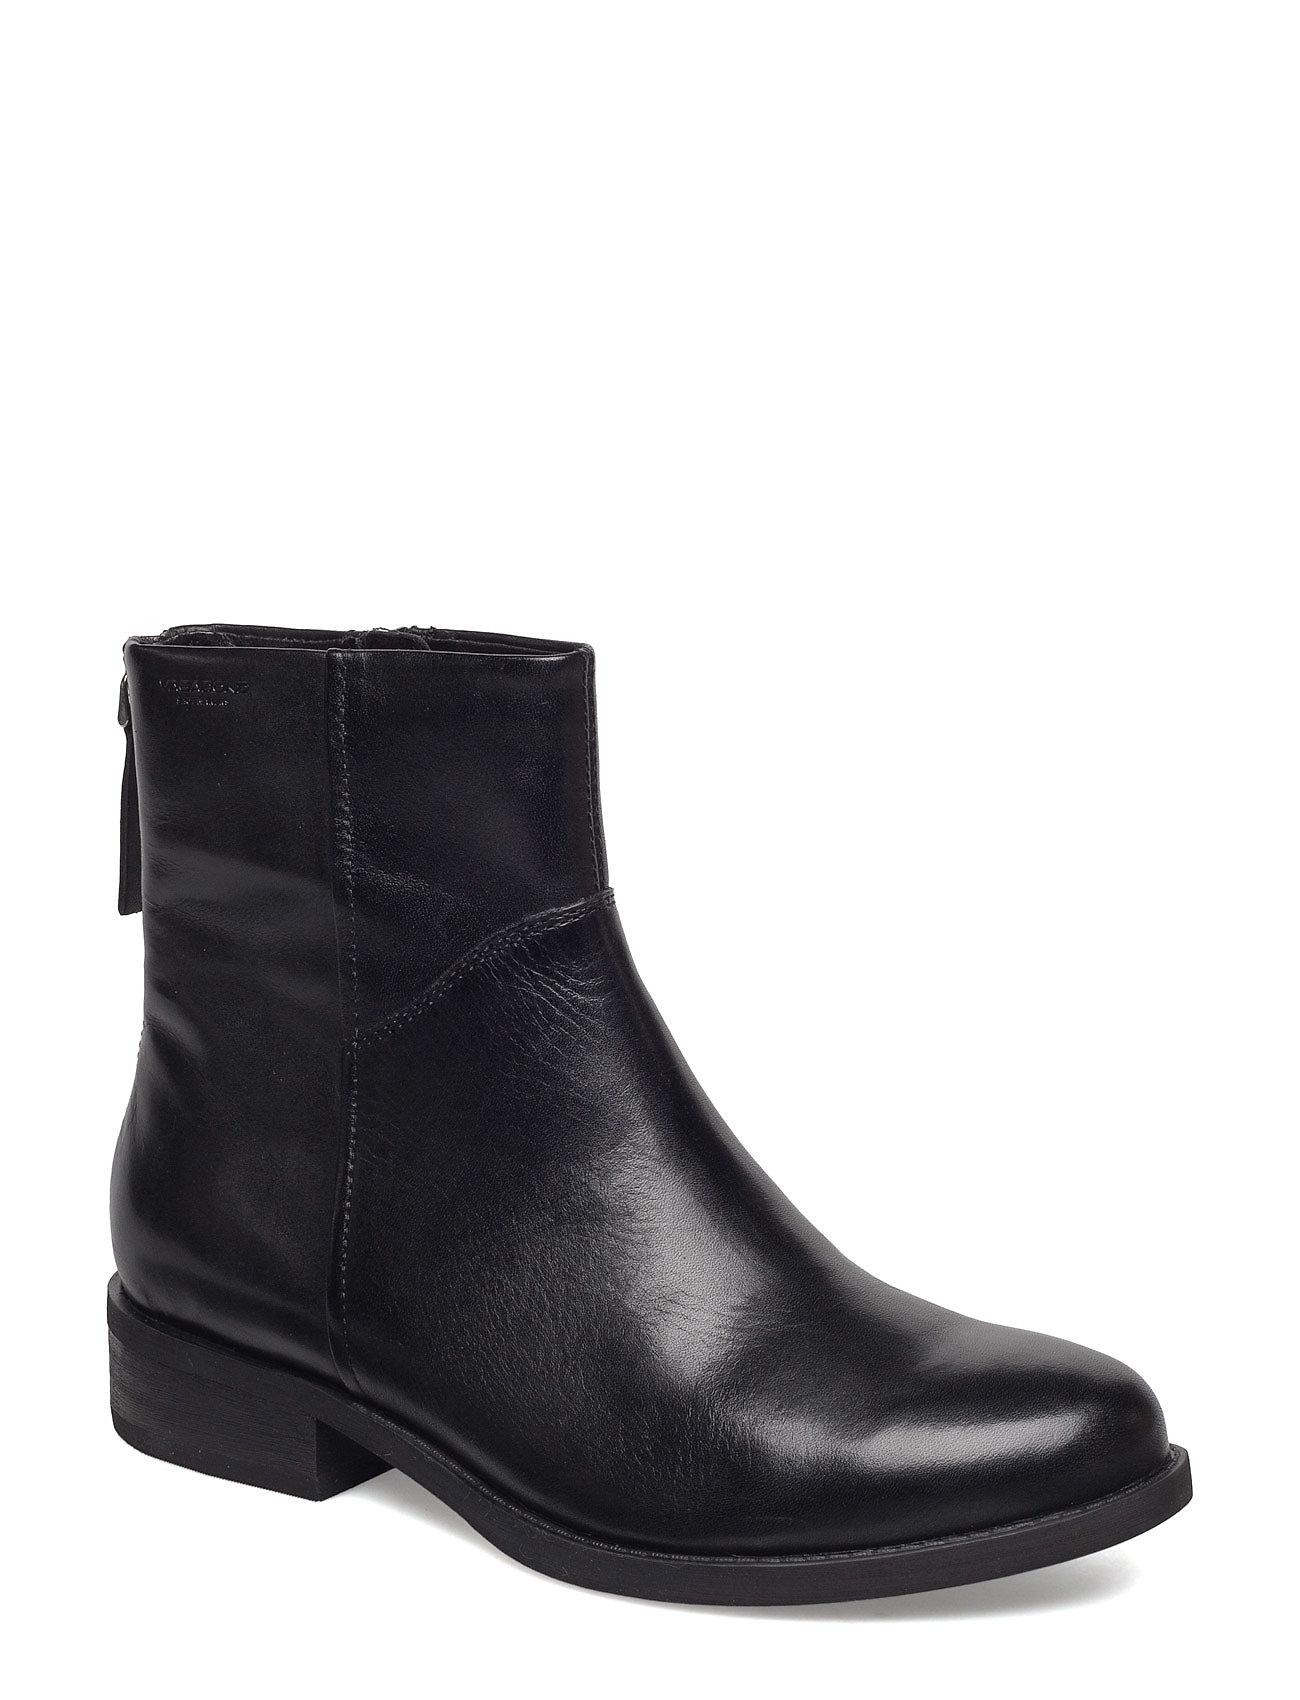 Cary VAGABOND Støvler til Damer i Sort